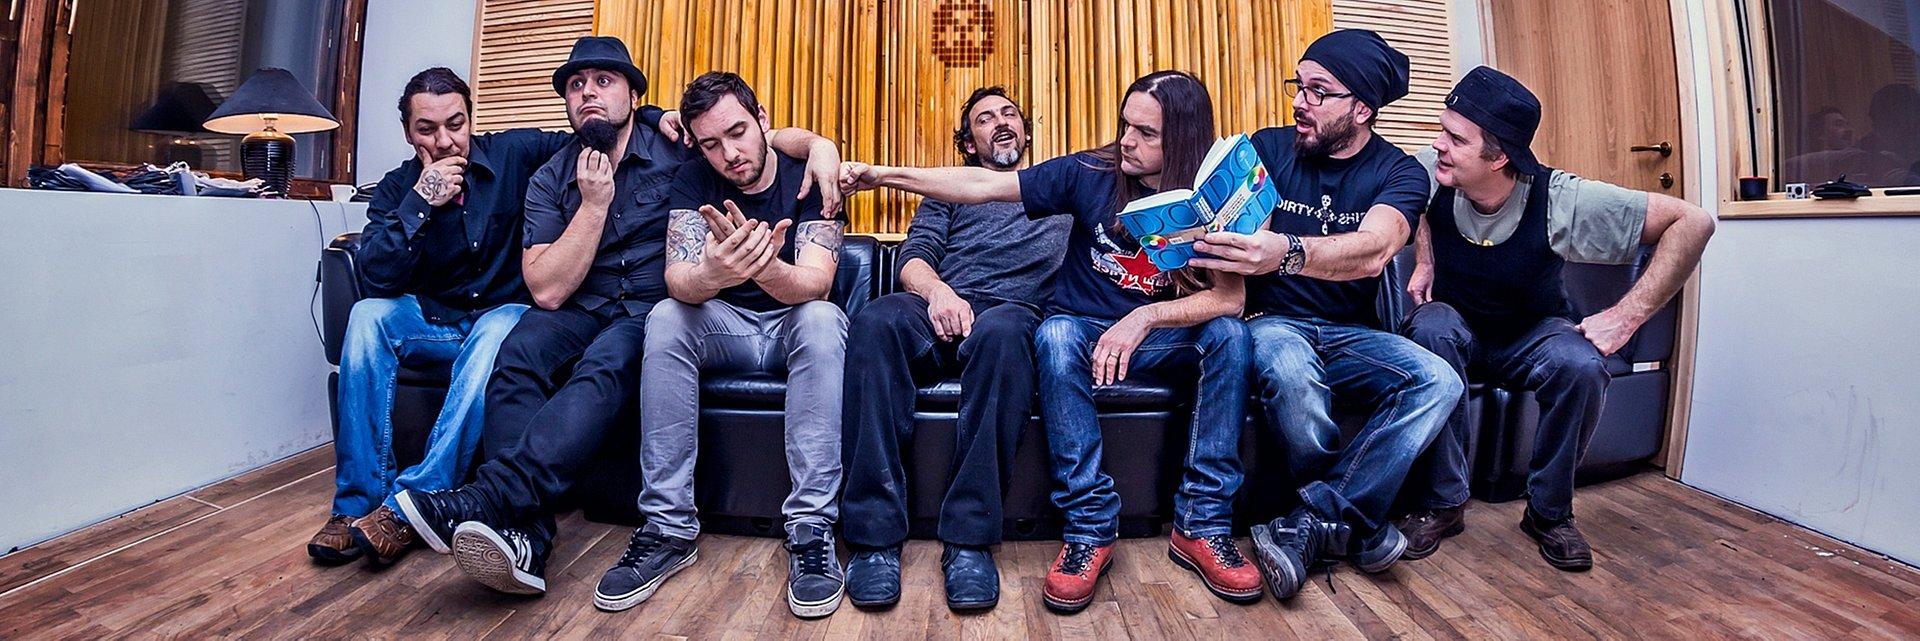 Dirty Shirt zagości na Małej Scenie Pol'and'Rock Festival